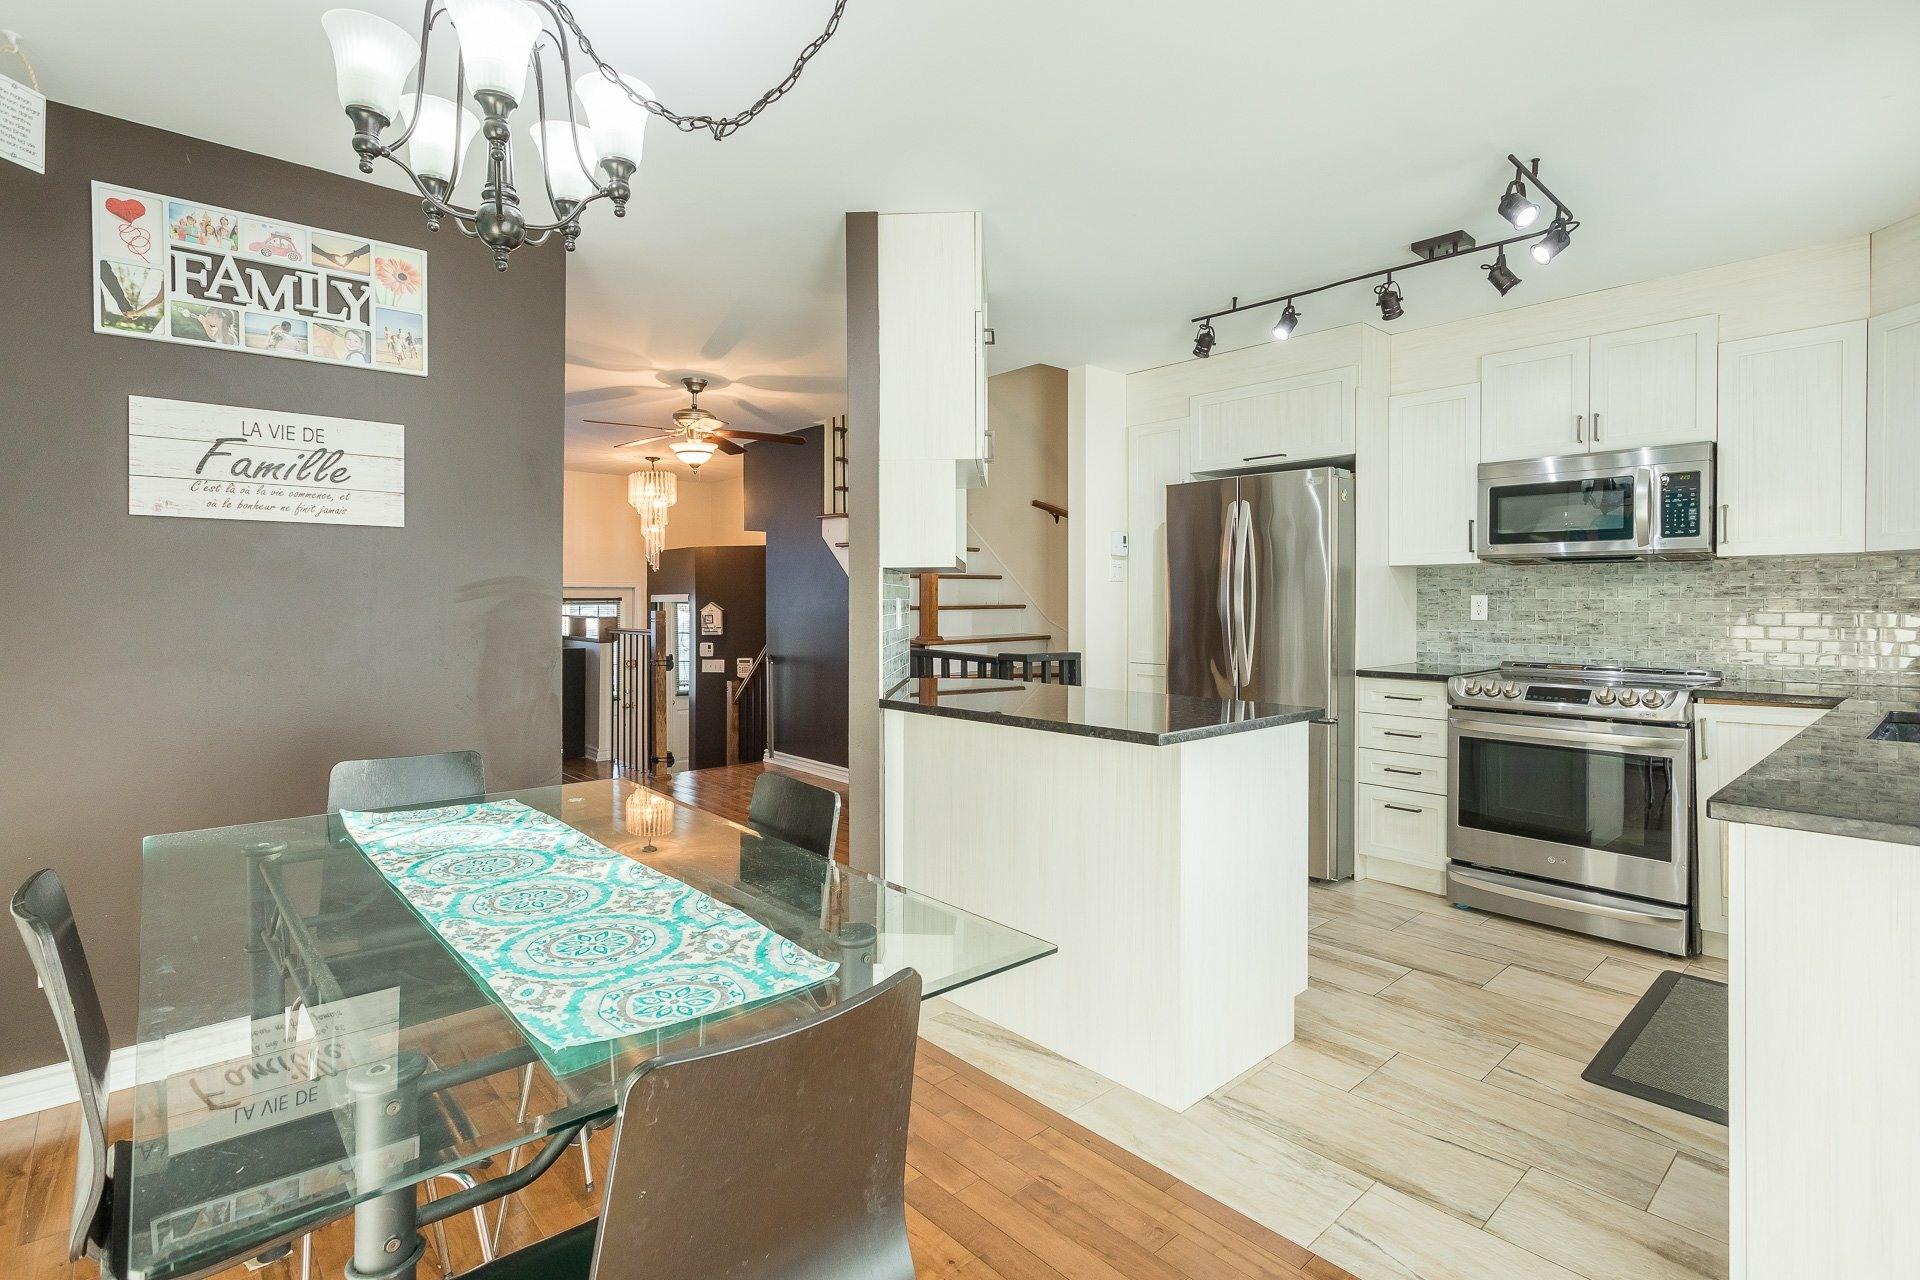 image 10 - House For sale Rivière-des-Prairies/Pointe-aux-Trembles Montréal  - 9 rooms